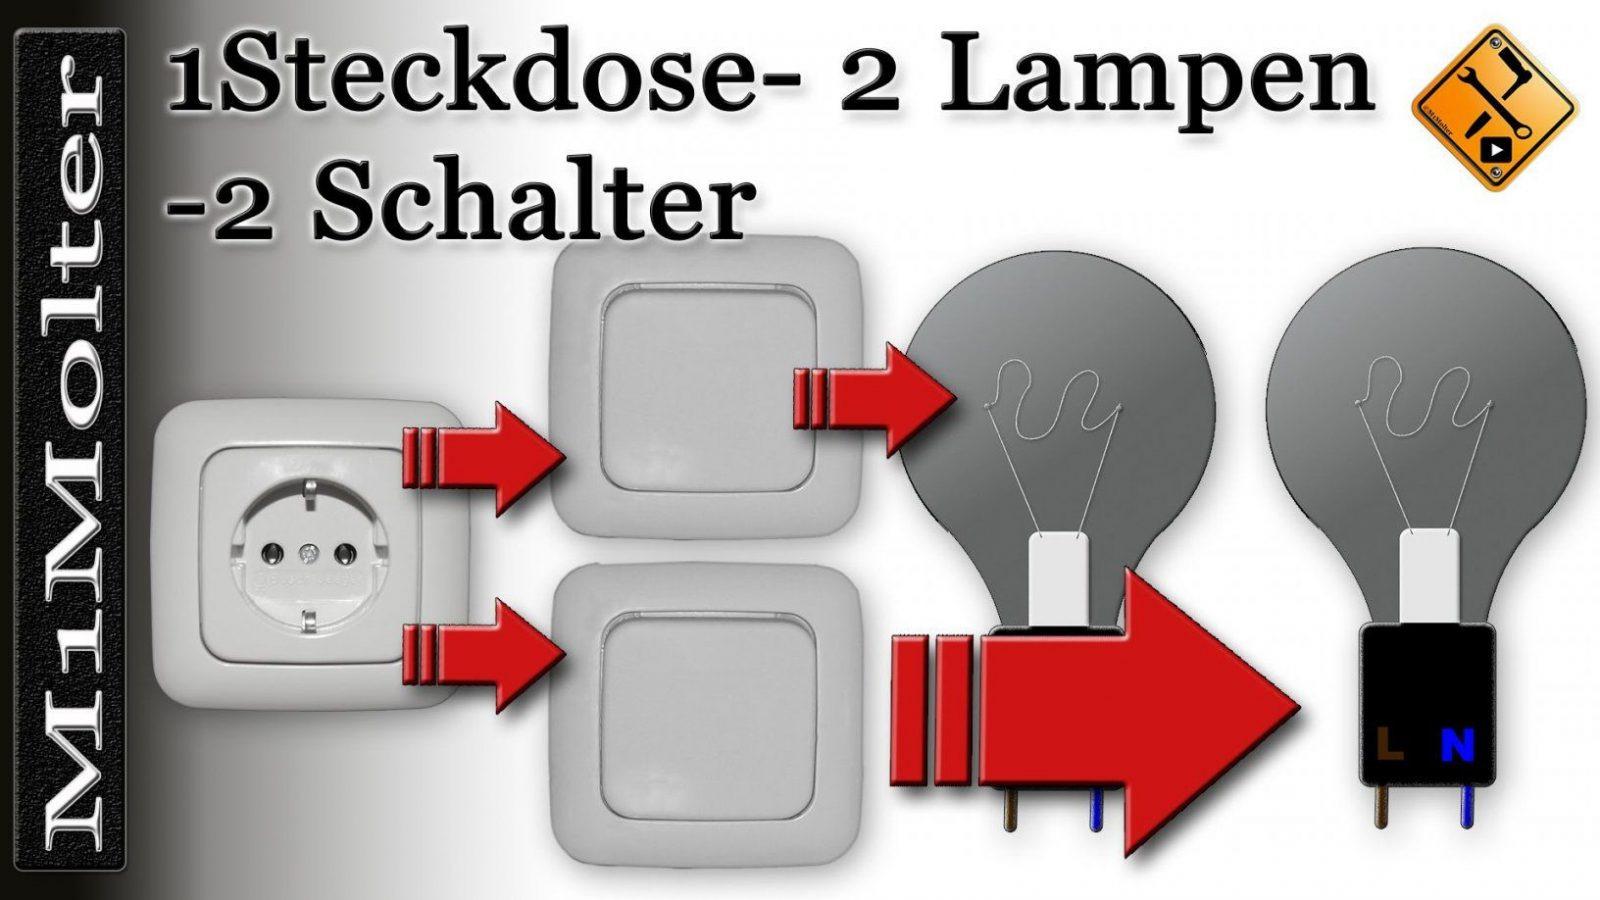 anschluss steckdose u 2 lampen 2 schalter am schaubild von von steckdose an lichtschalter. Black Bedroom Furniture Sets. Home Design Ideas